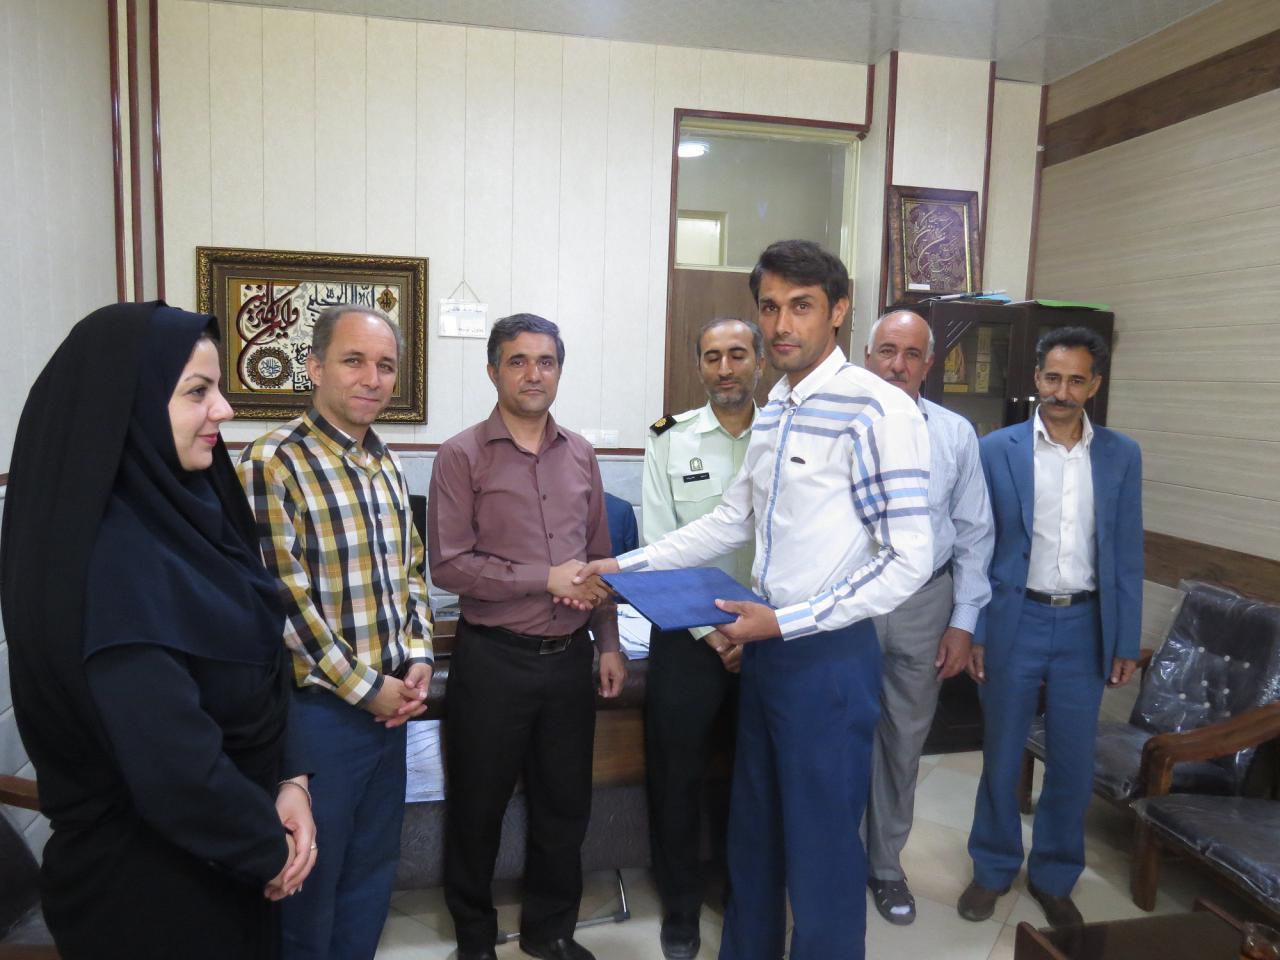 آقای علی محمد زمانیان به سمت دبیر هیئت ورزش کارگری منصوب شد.